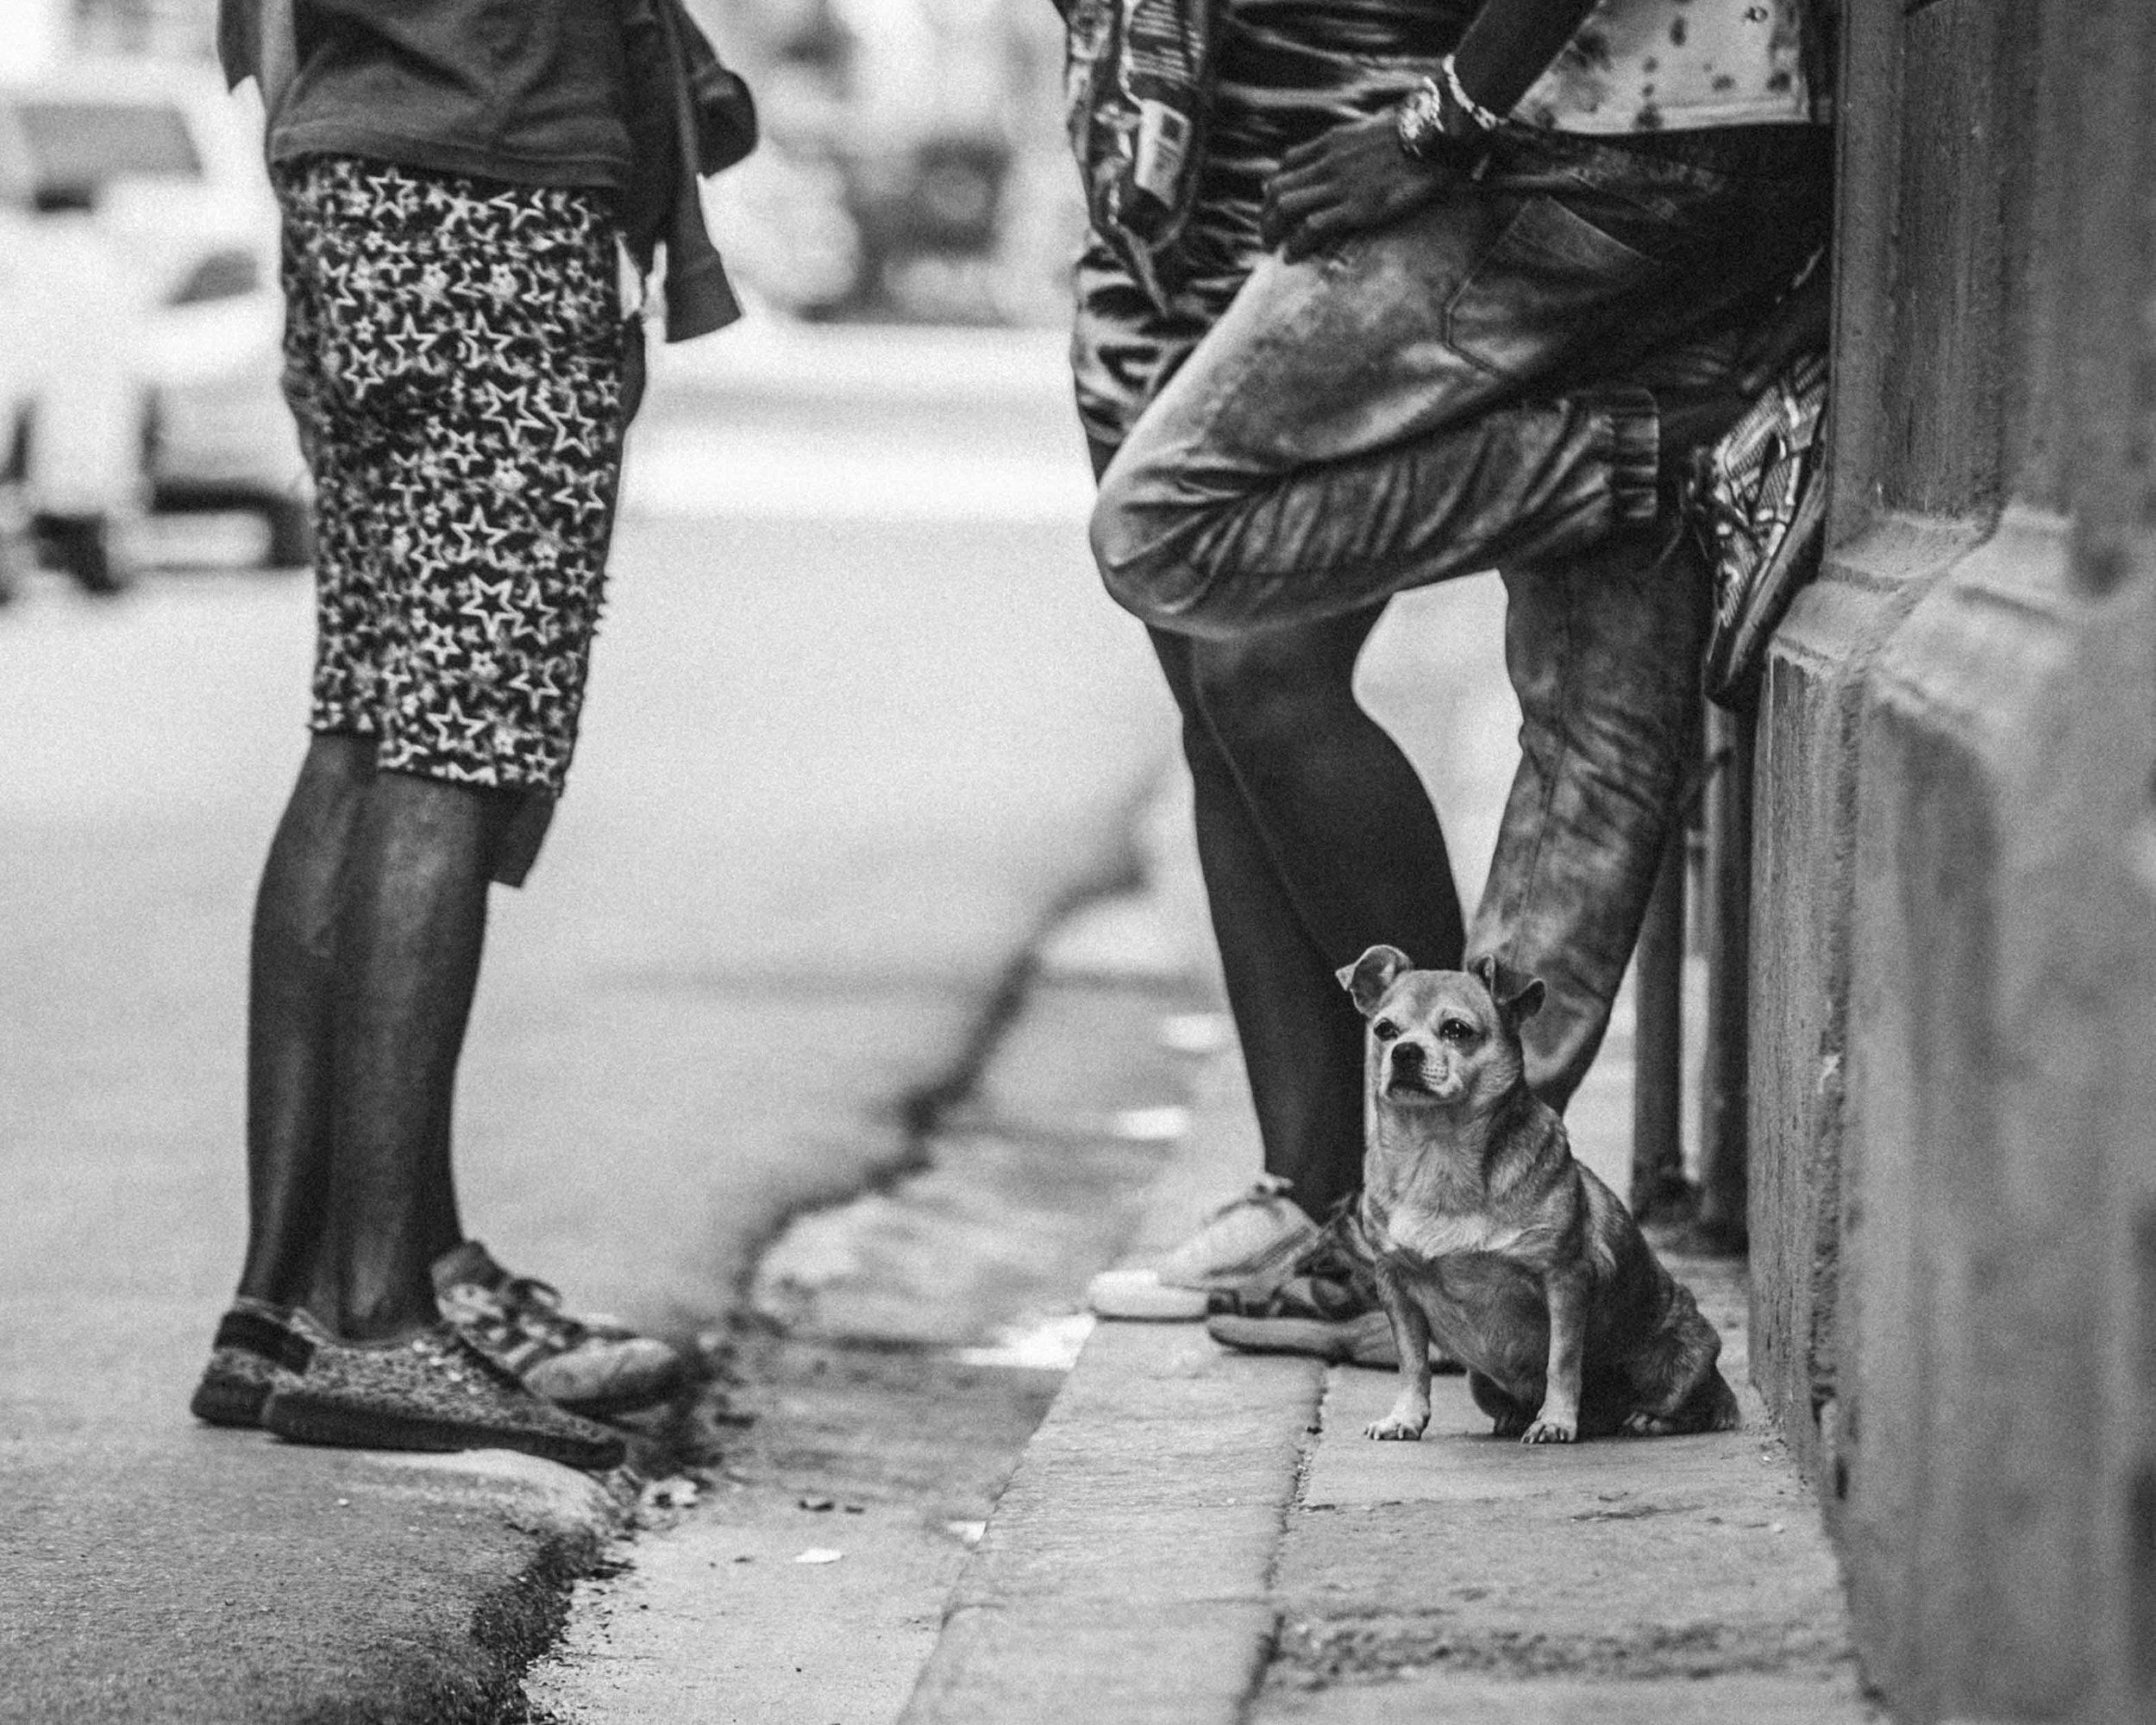 Cuba-davidbraud-0788.jpg